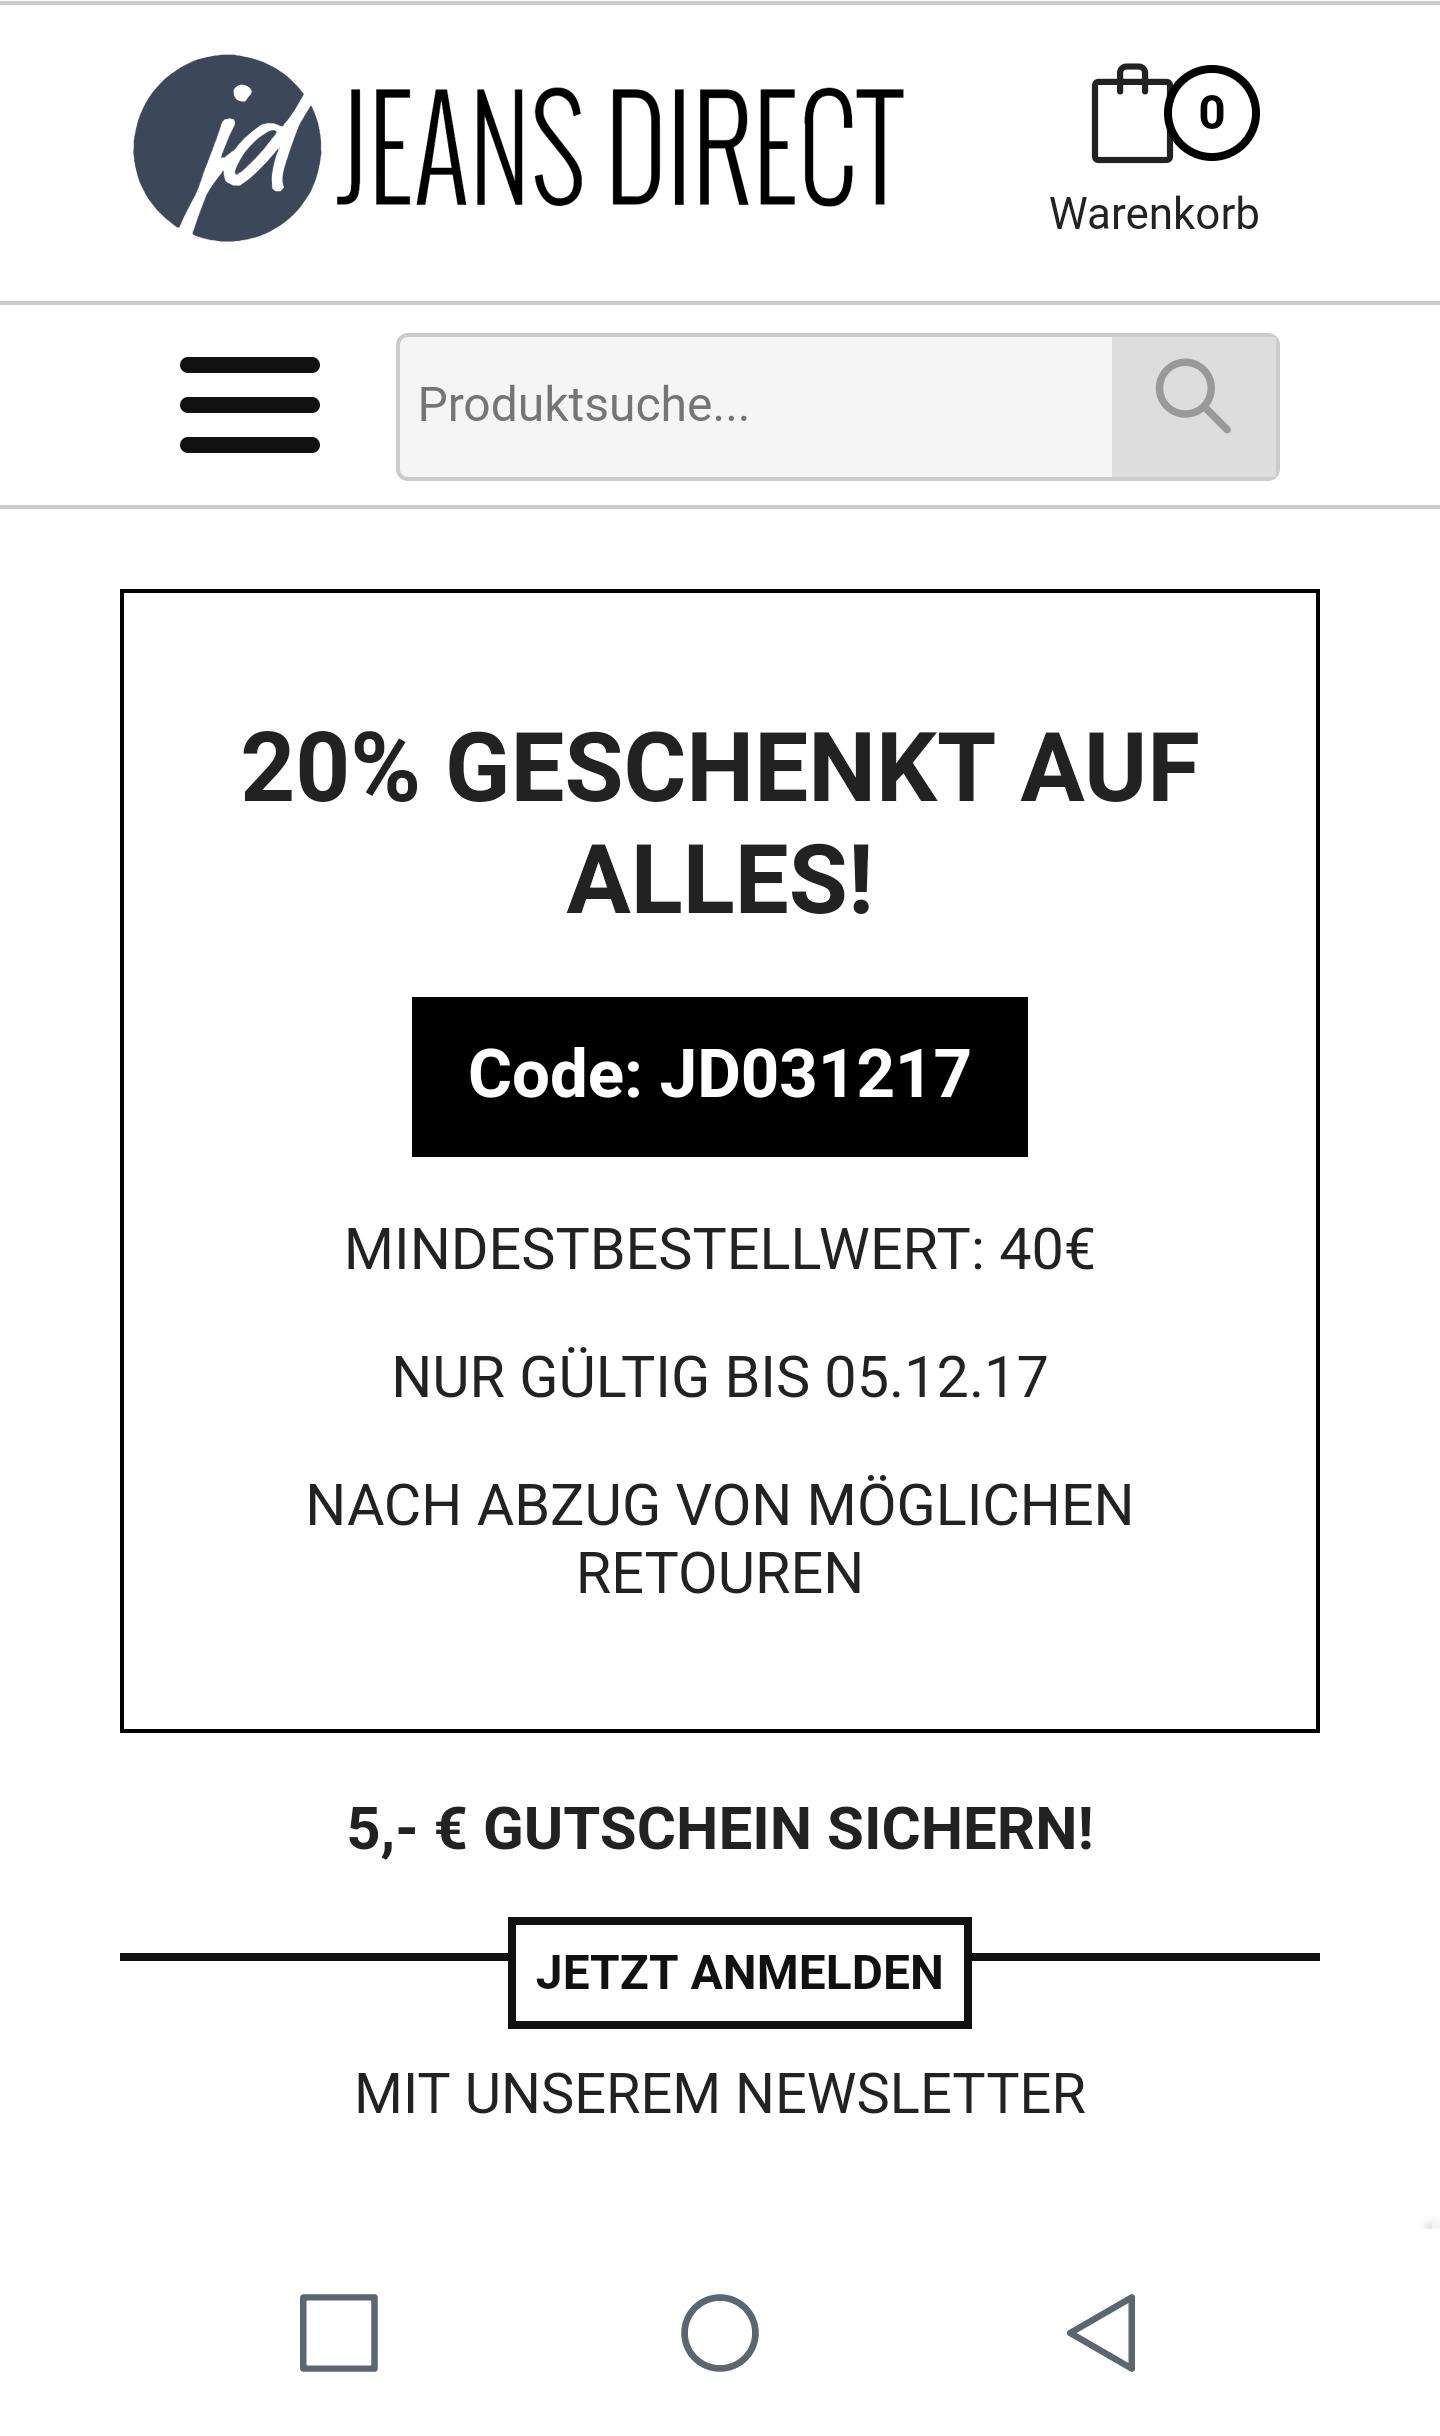 Jeansdirect 20% auf Alles ab 40€ MBW